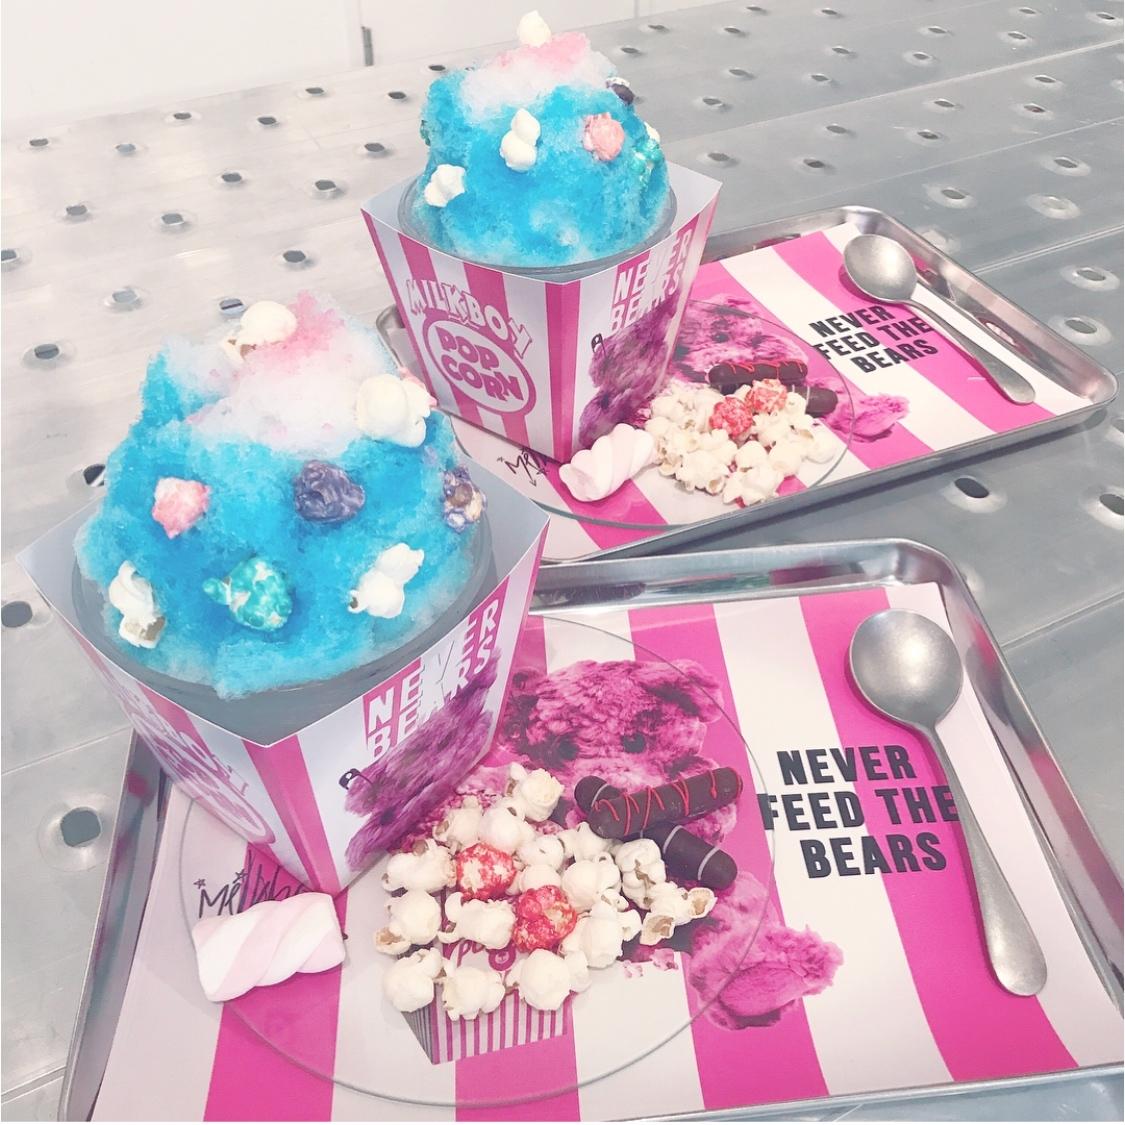 Vol.58♡ 期間限定!ポップコーン味のかき氷?!夏気分をまだ味わいたい方は是非♡_1_2